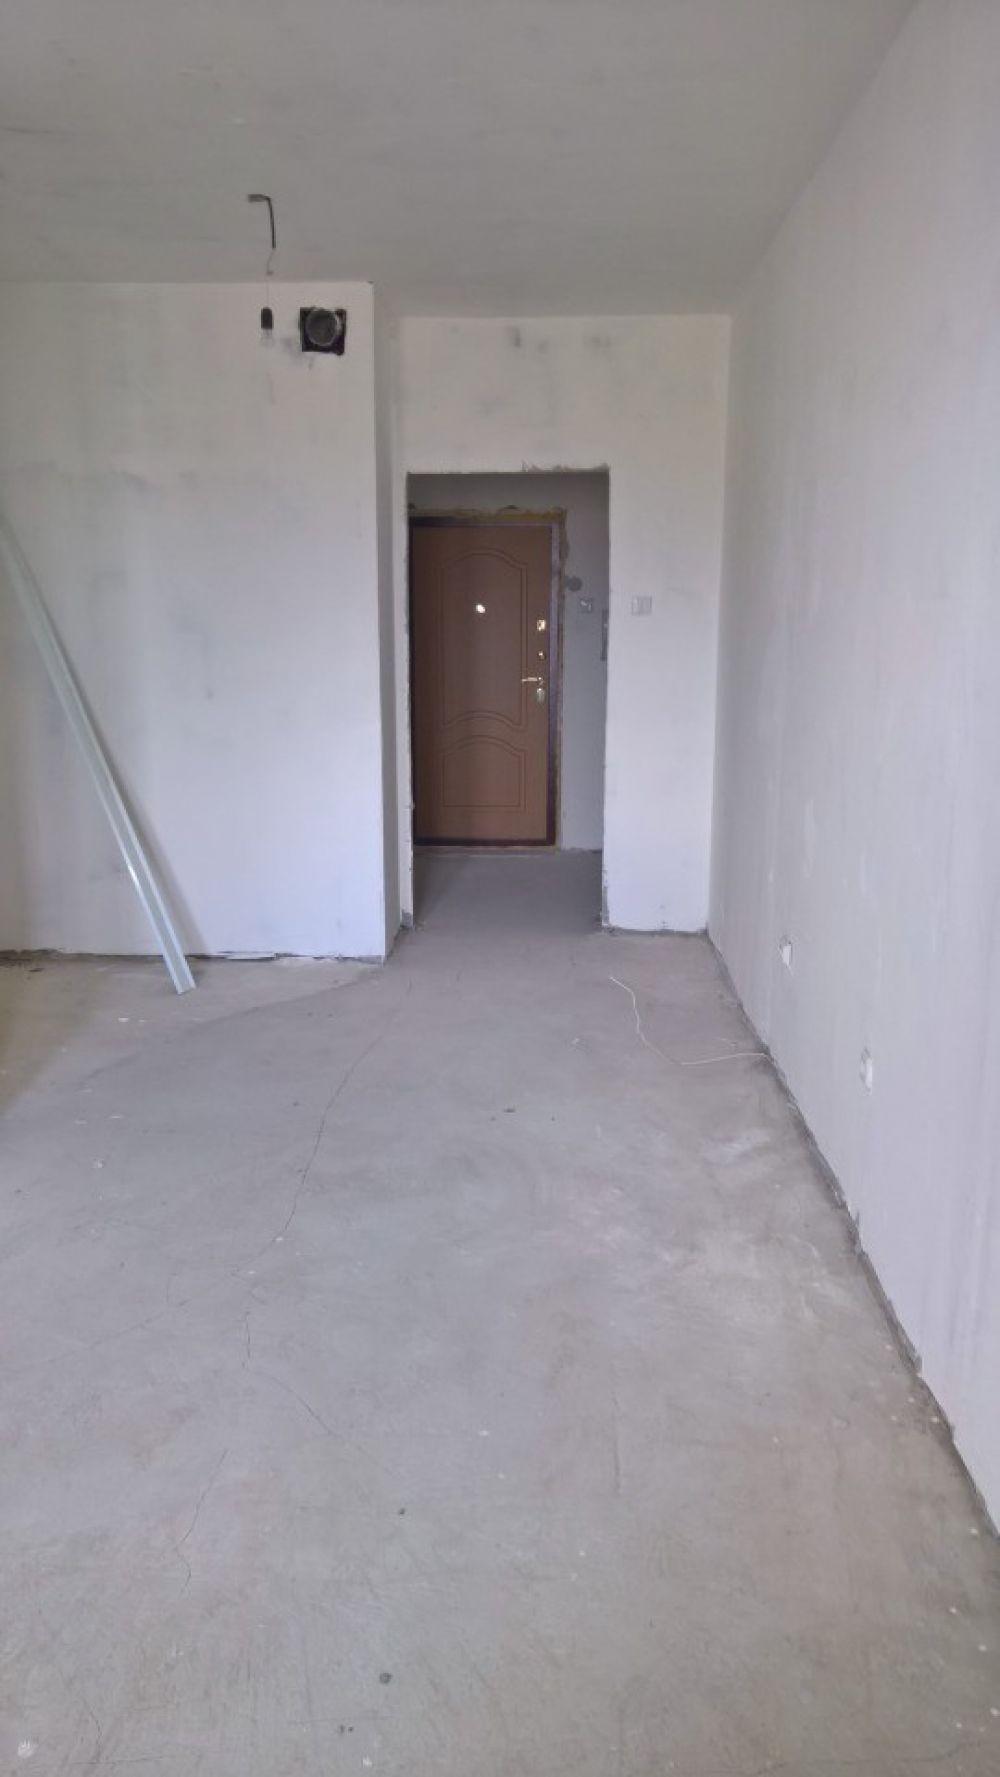 1-к квартира, Щёлково, Богородский 1, фото 3